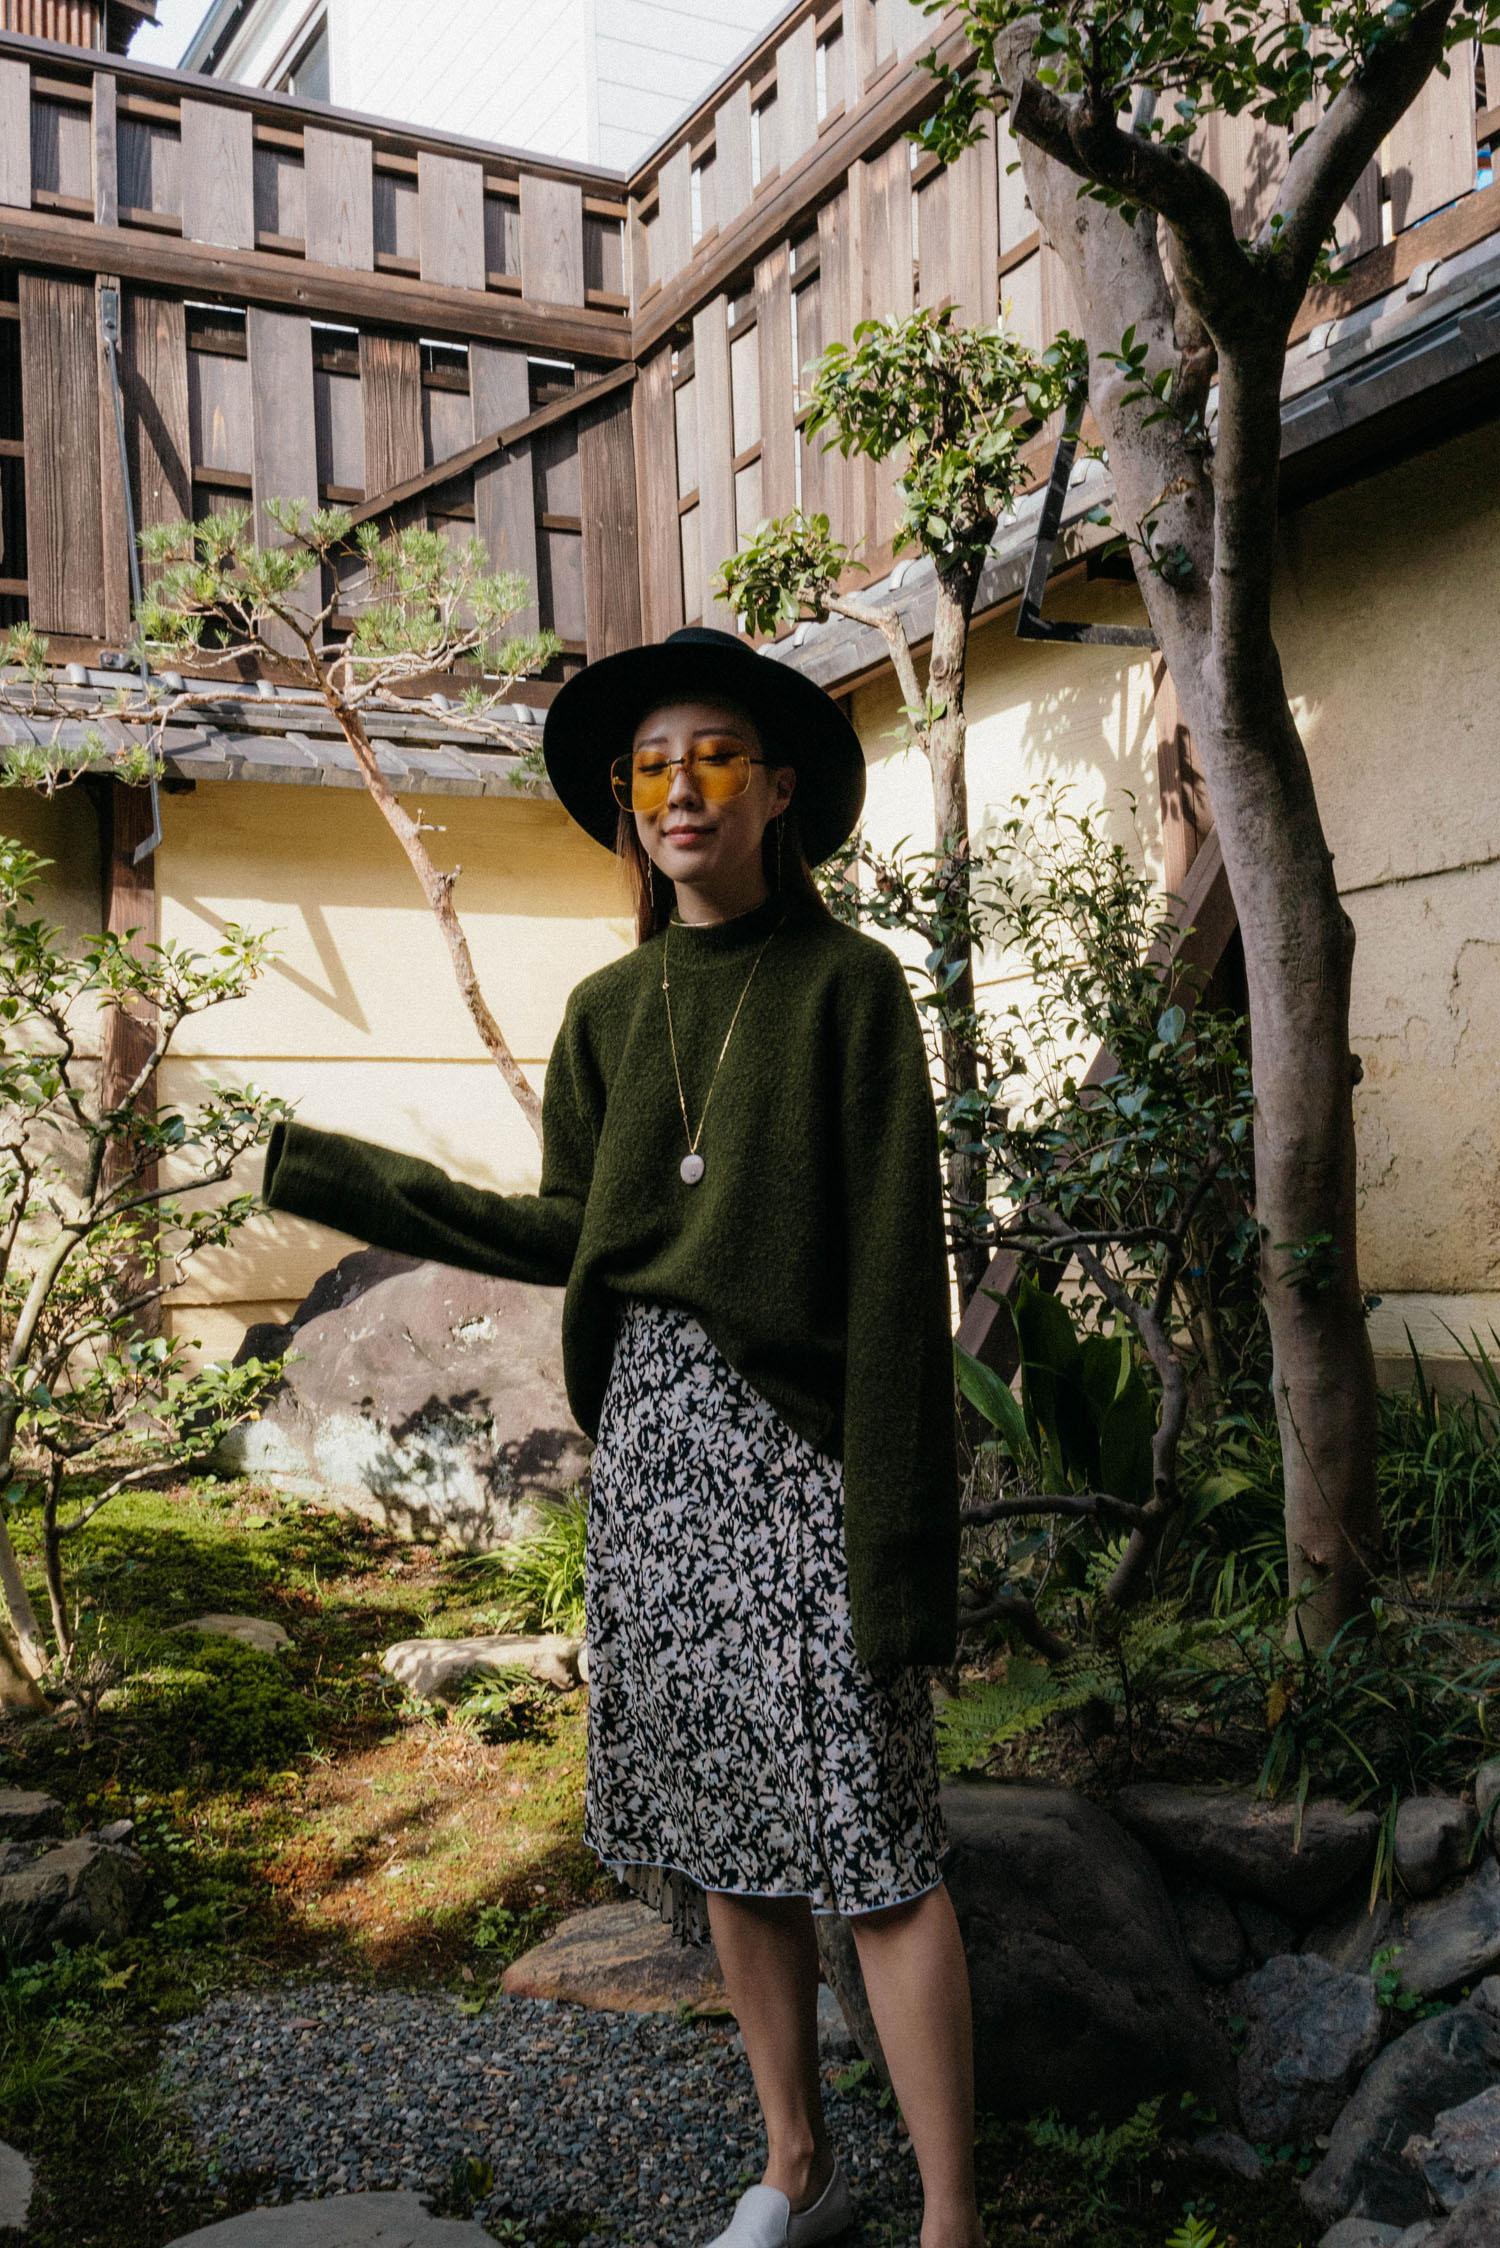 COS Sweater , Proenza Schouler Skirt, The Row Shoes, Maison Michel Hat, Gucci Sunglasses, CVC Stones Necklace